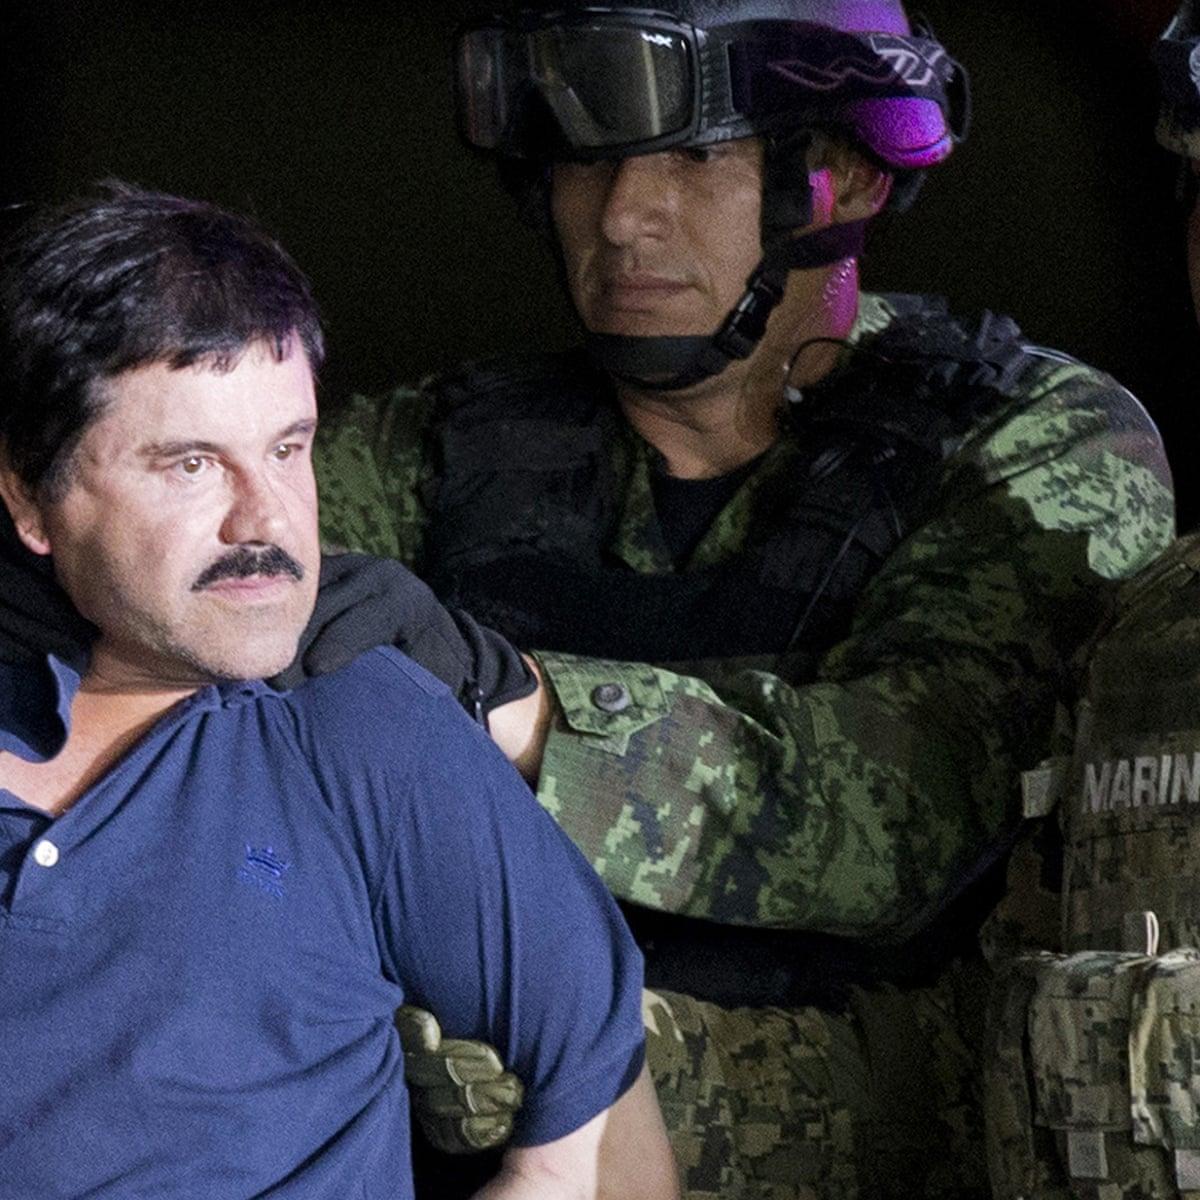 Authorities haven't found 'even a dollar' of El Chapo's $1bn drug fortune |  Joaquín 'El Chapo' Guzmán